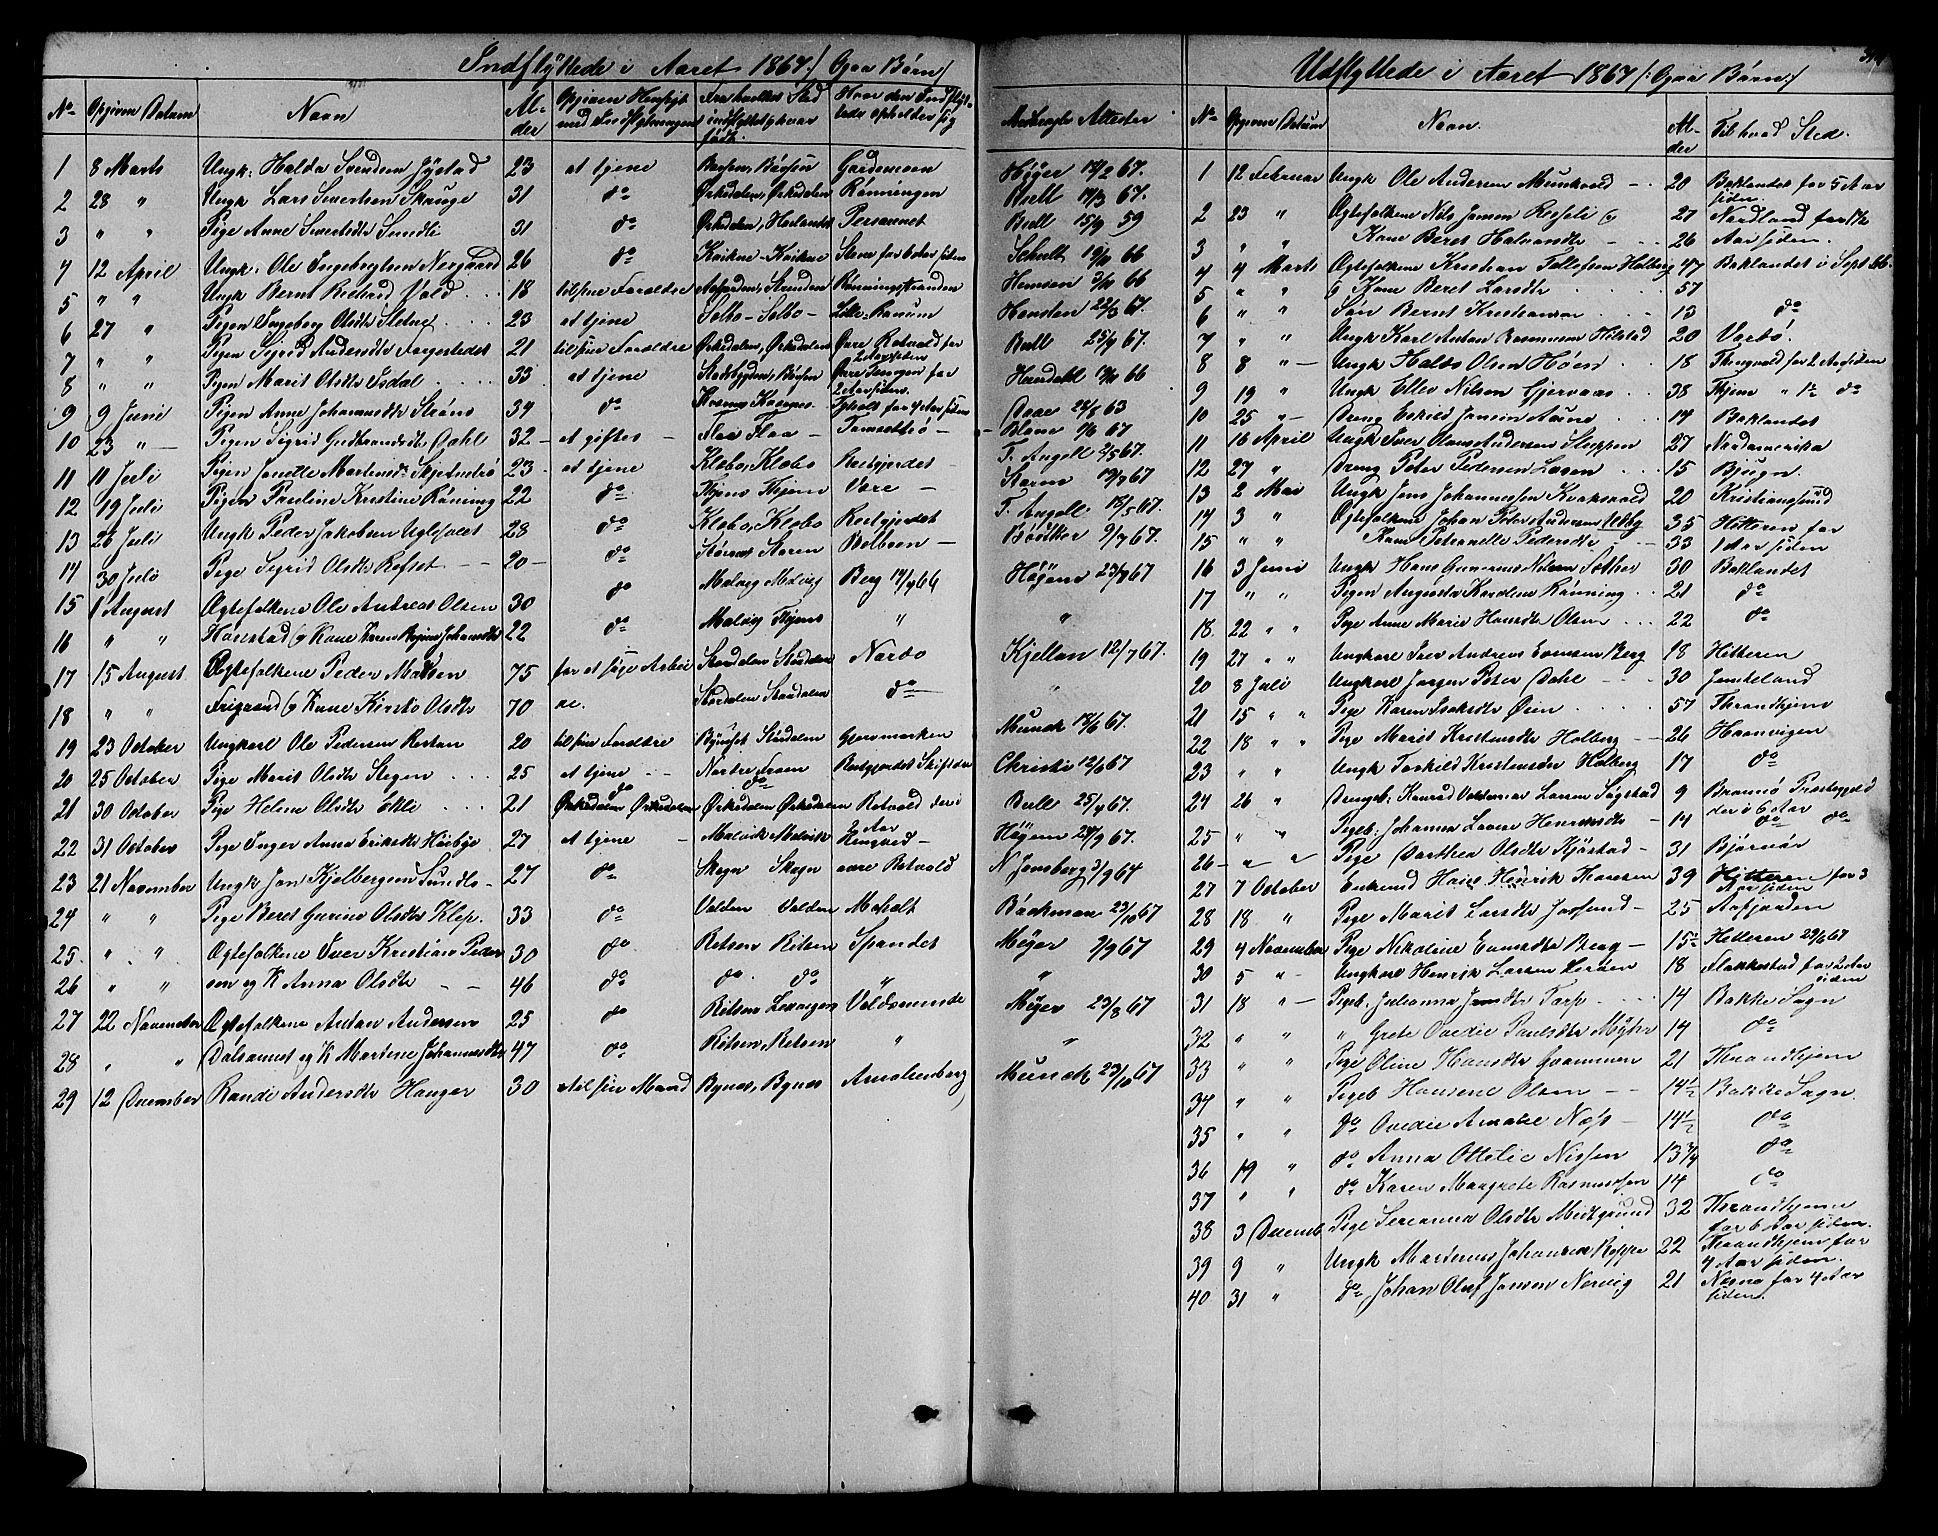 SAT, Ministerialprotokoller, klokkerbøker og fødselsregistre - Sør-Trøndelag, 606/L0311: Klokkerbok nr. 606C07, 1860-1877, s. 314